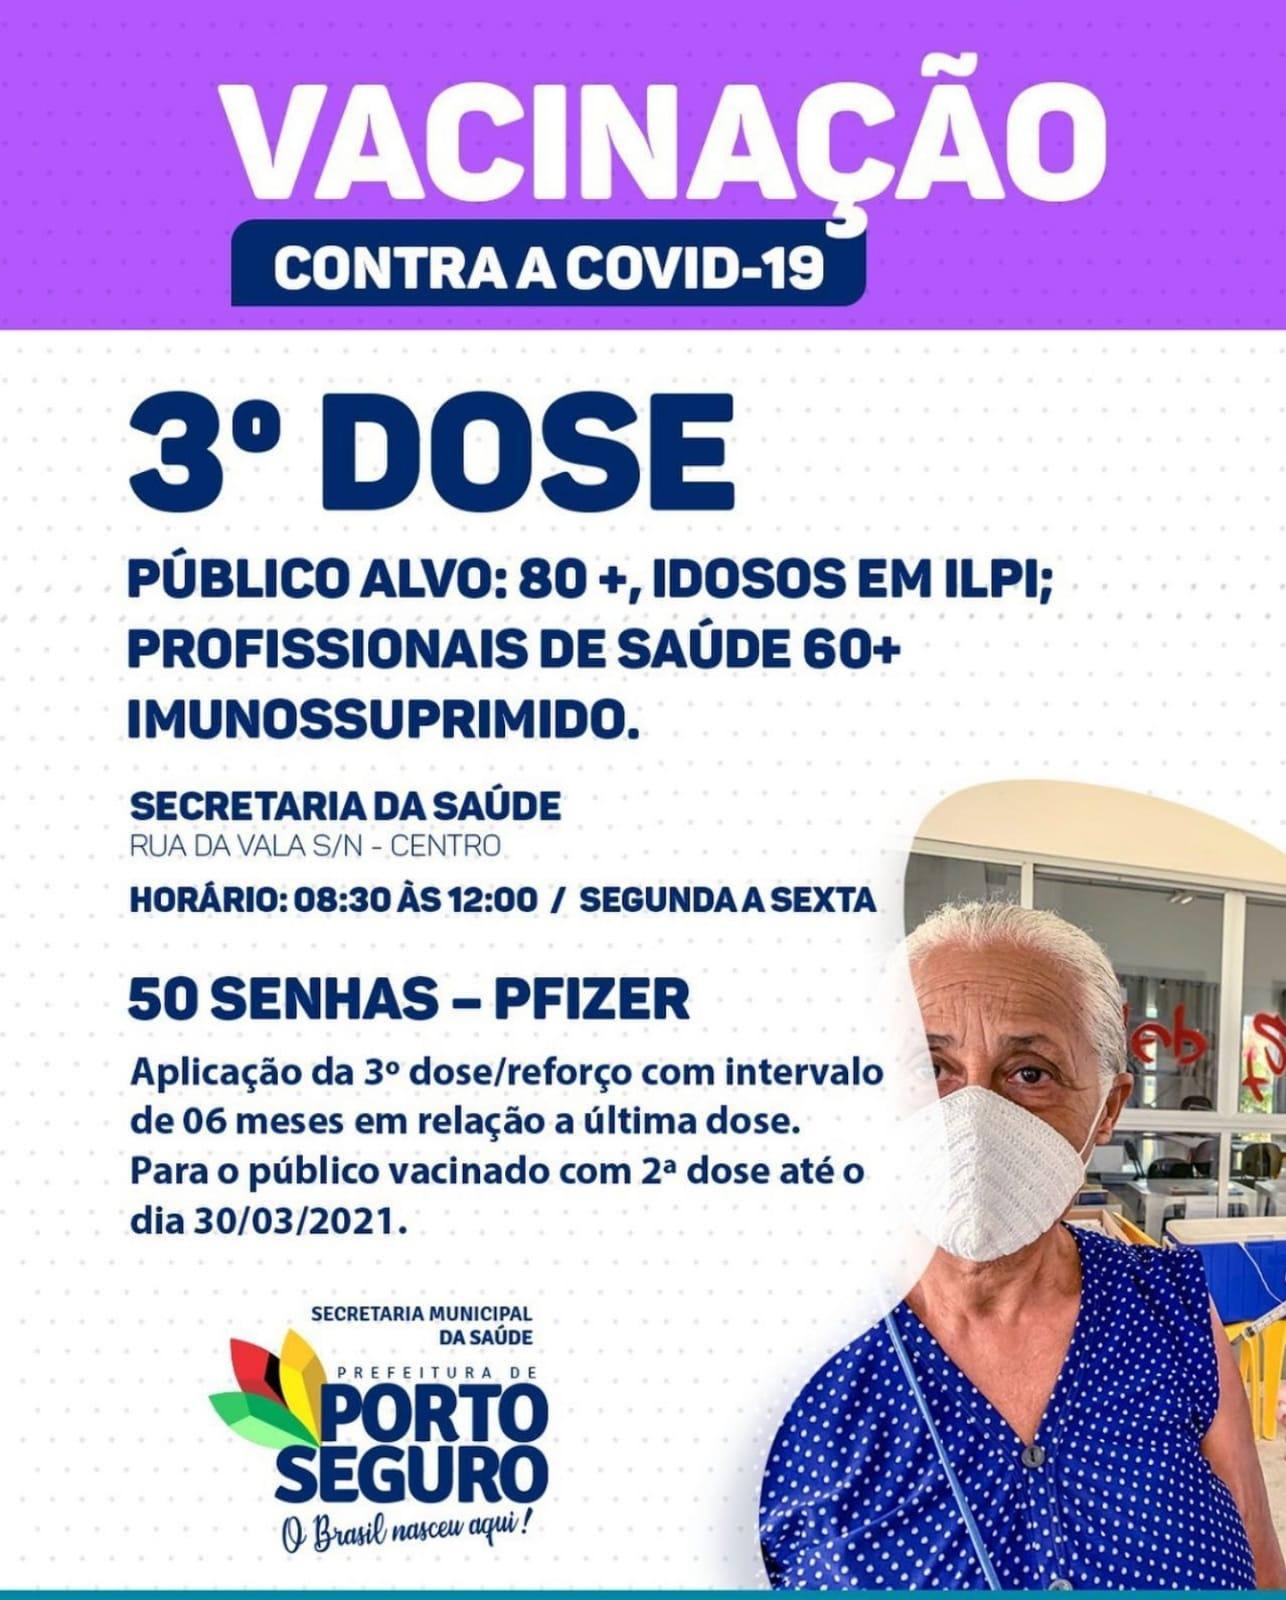 Porto Seguro: Cronograma de Vacinação contra a Covid-19; de 20 a 22 de setembro 32